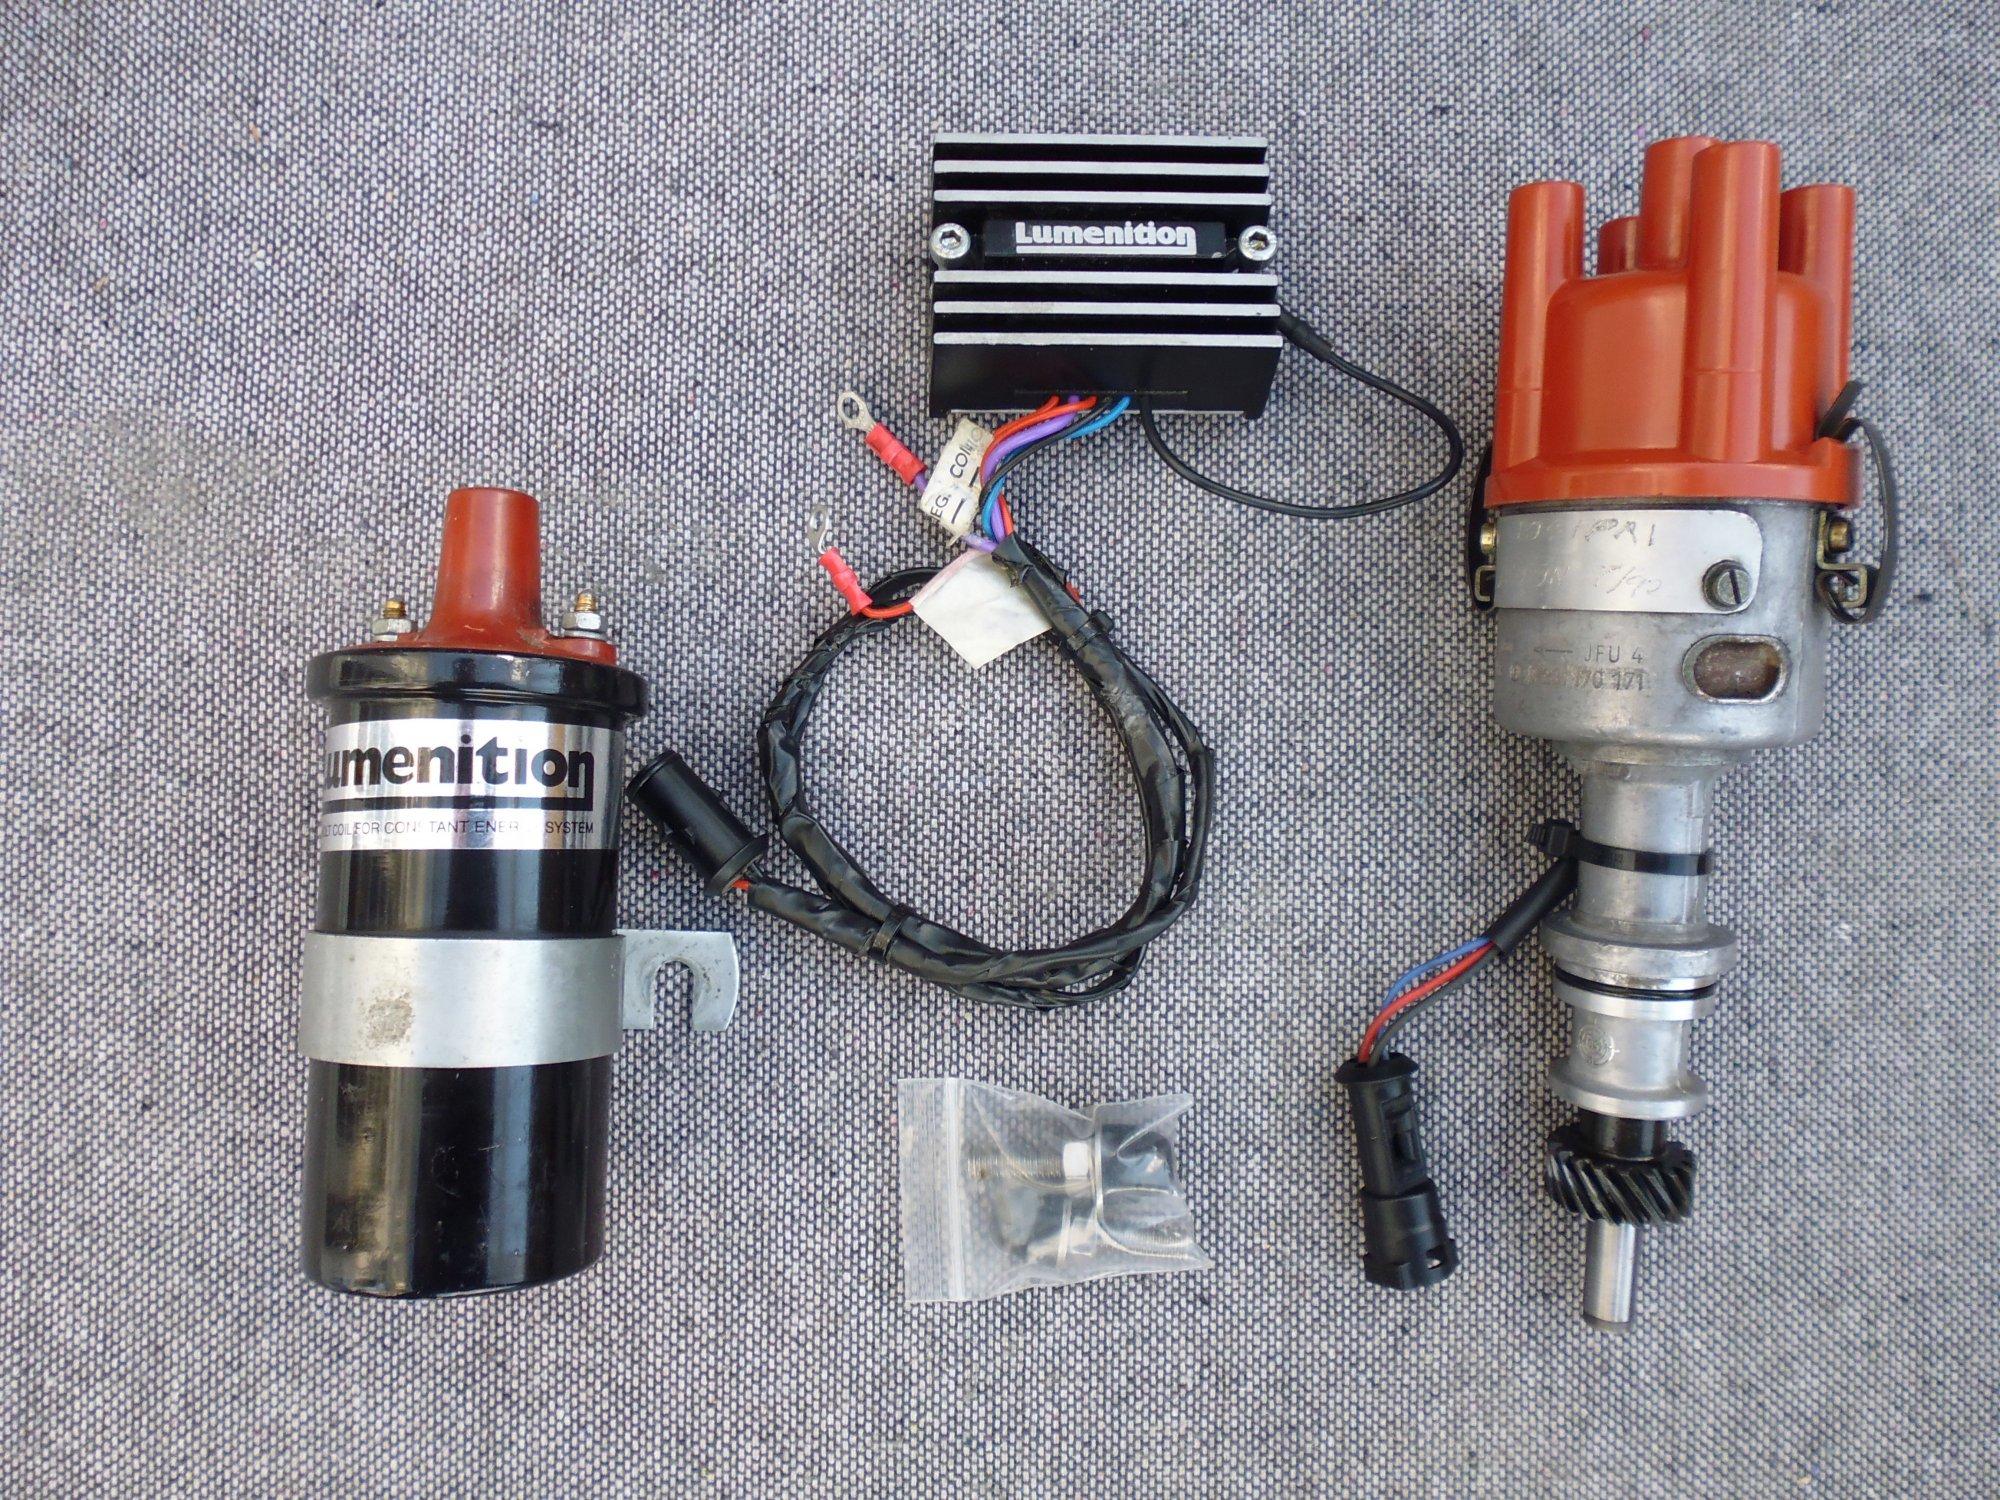 lumenition_Ignition.thumb.JPG.0d4cb67e8c76172f98325e92751ec63b.JPG